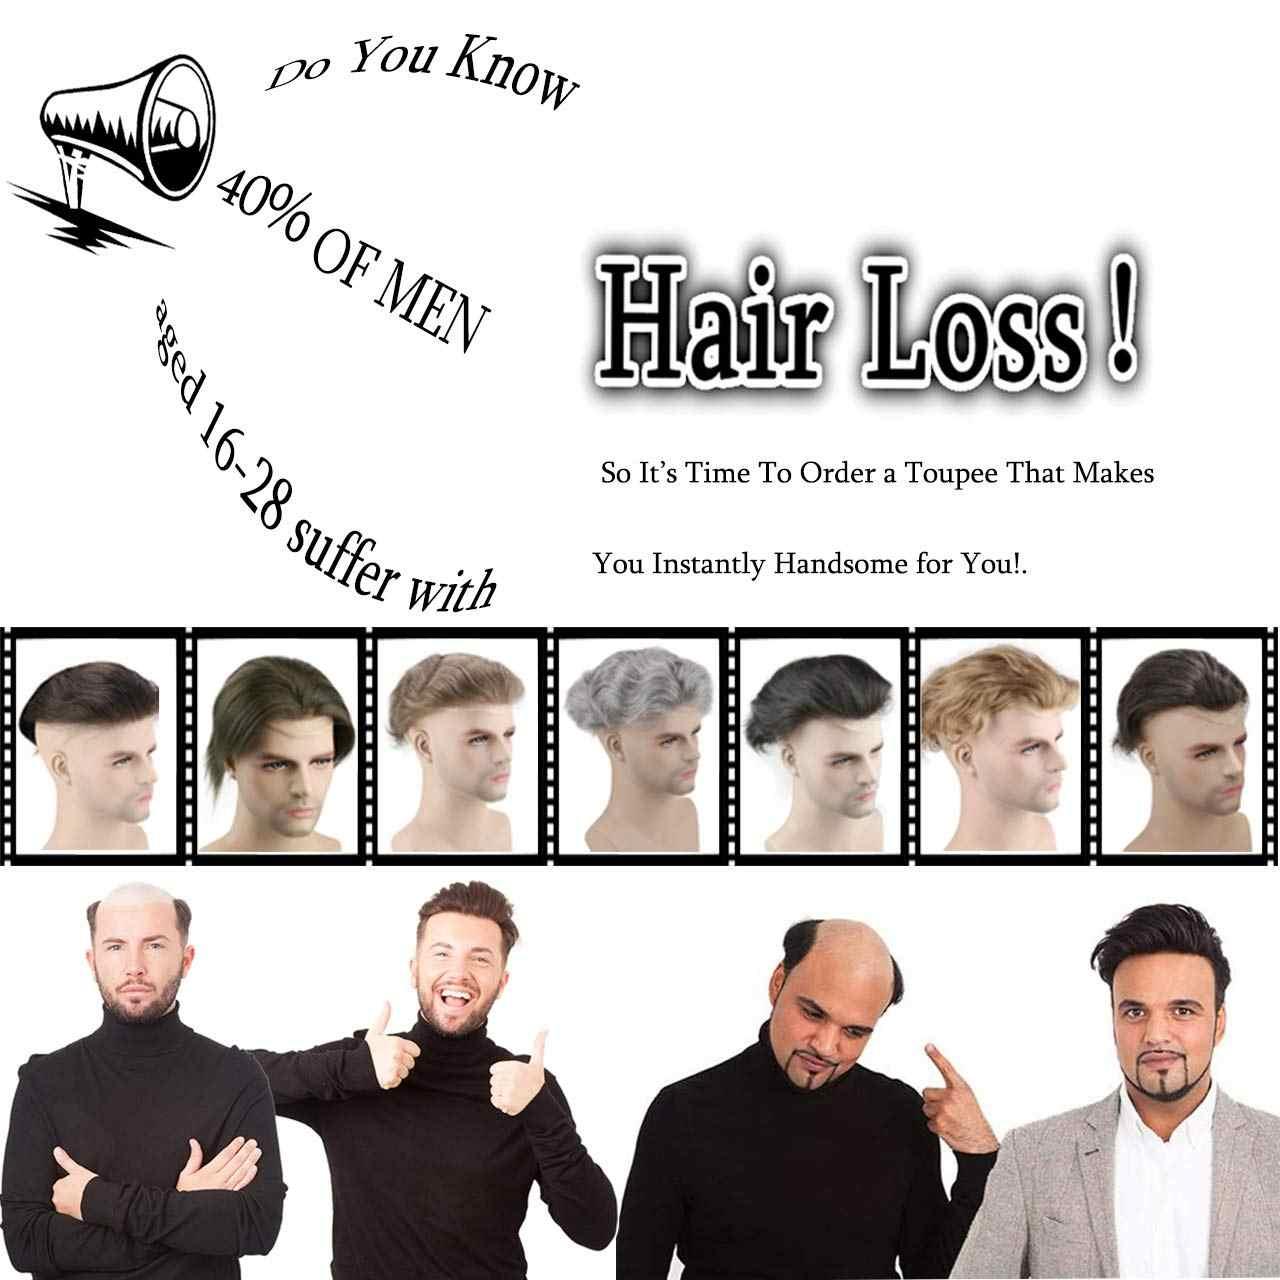 Eseewigs Menschenhaar Männer Toupet Natürliche Schwarze Farbe Gerade Europäischen Remy Haar Schweizer Spitze Front Toupet Haut Dünne PU Hand maß